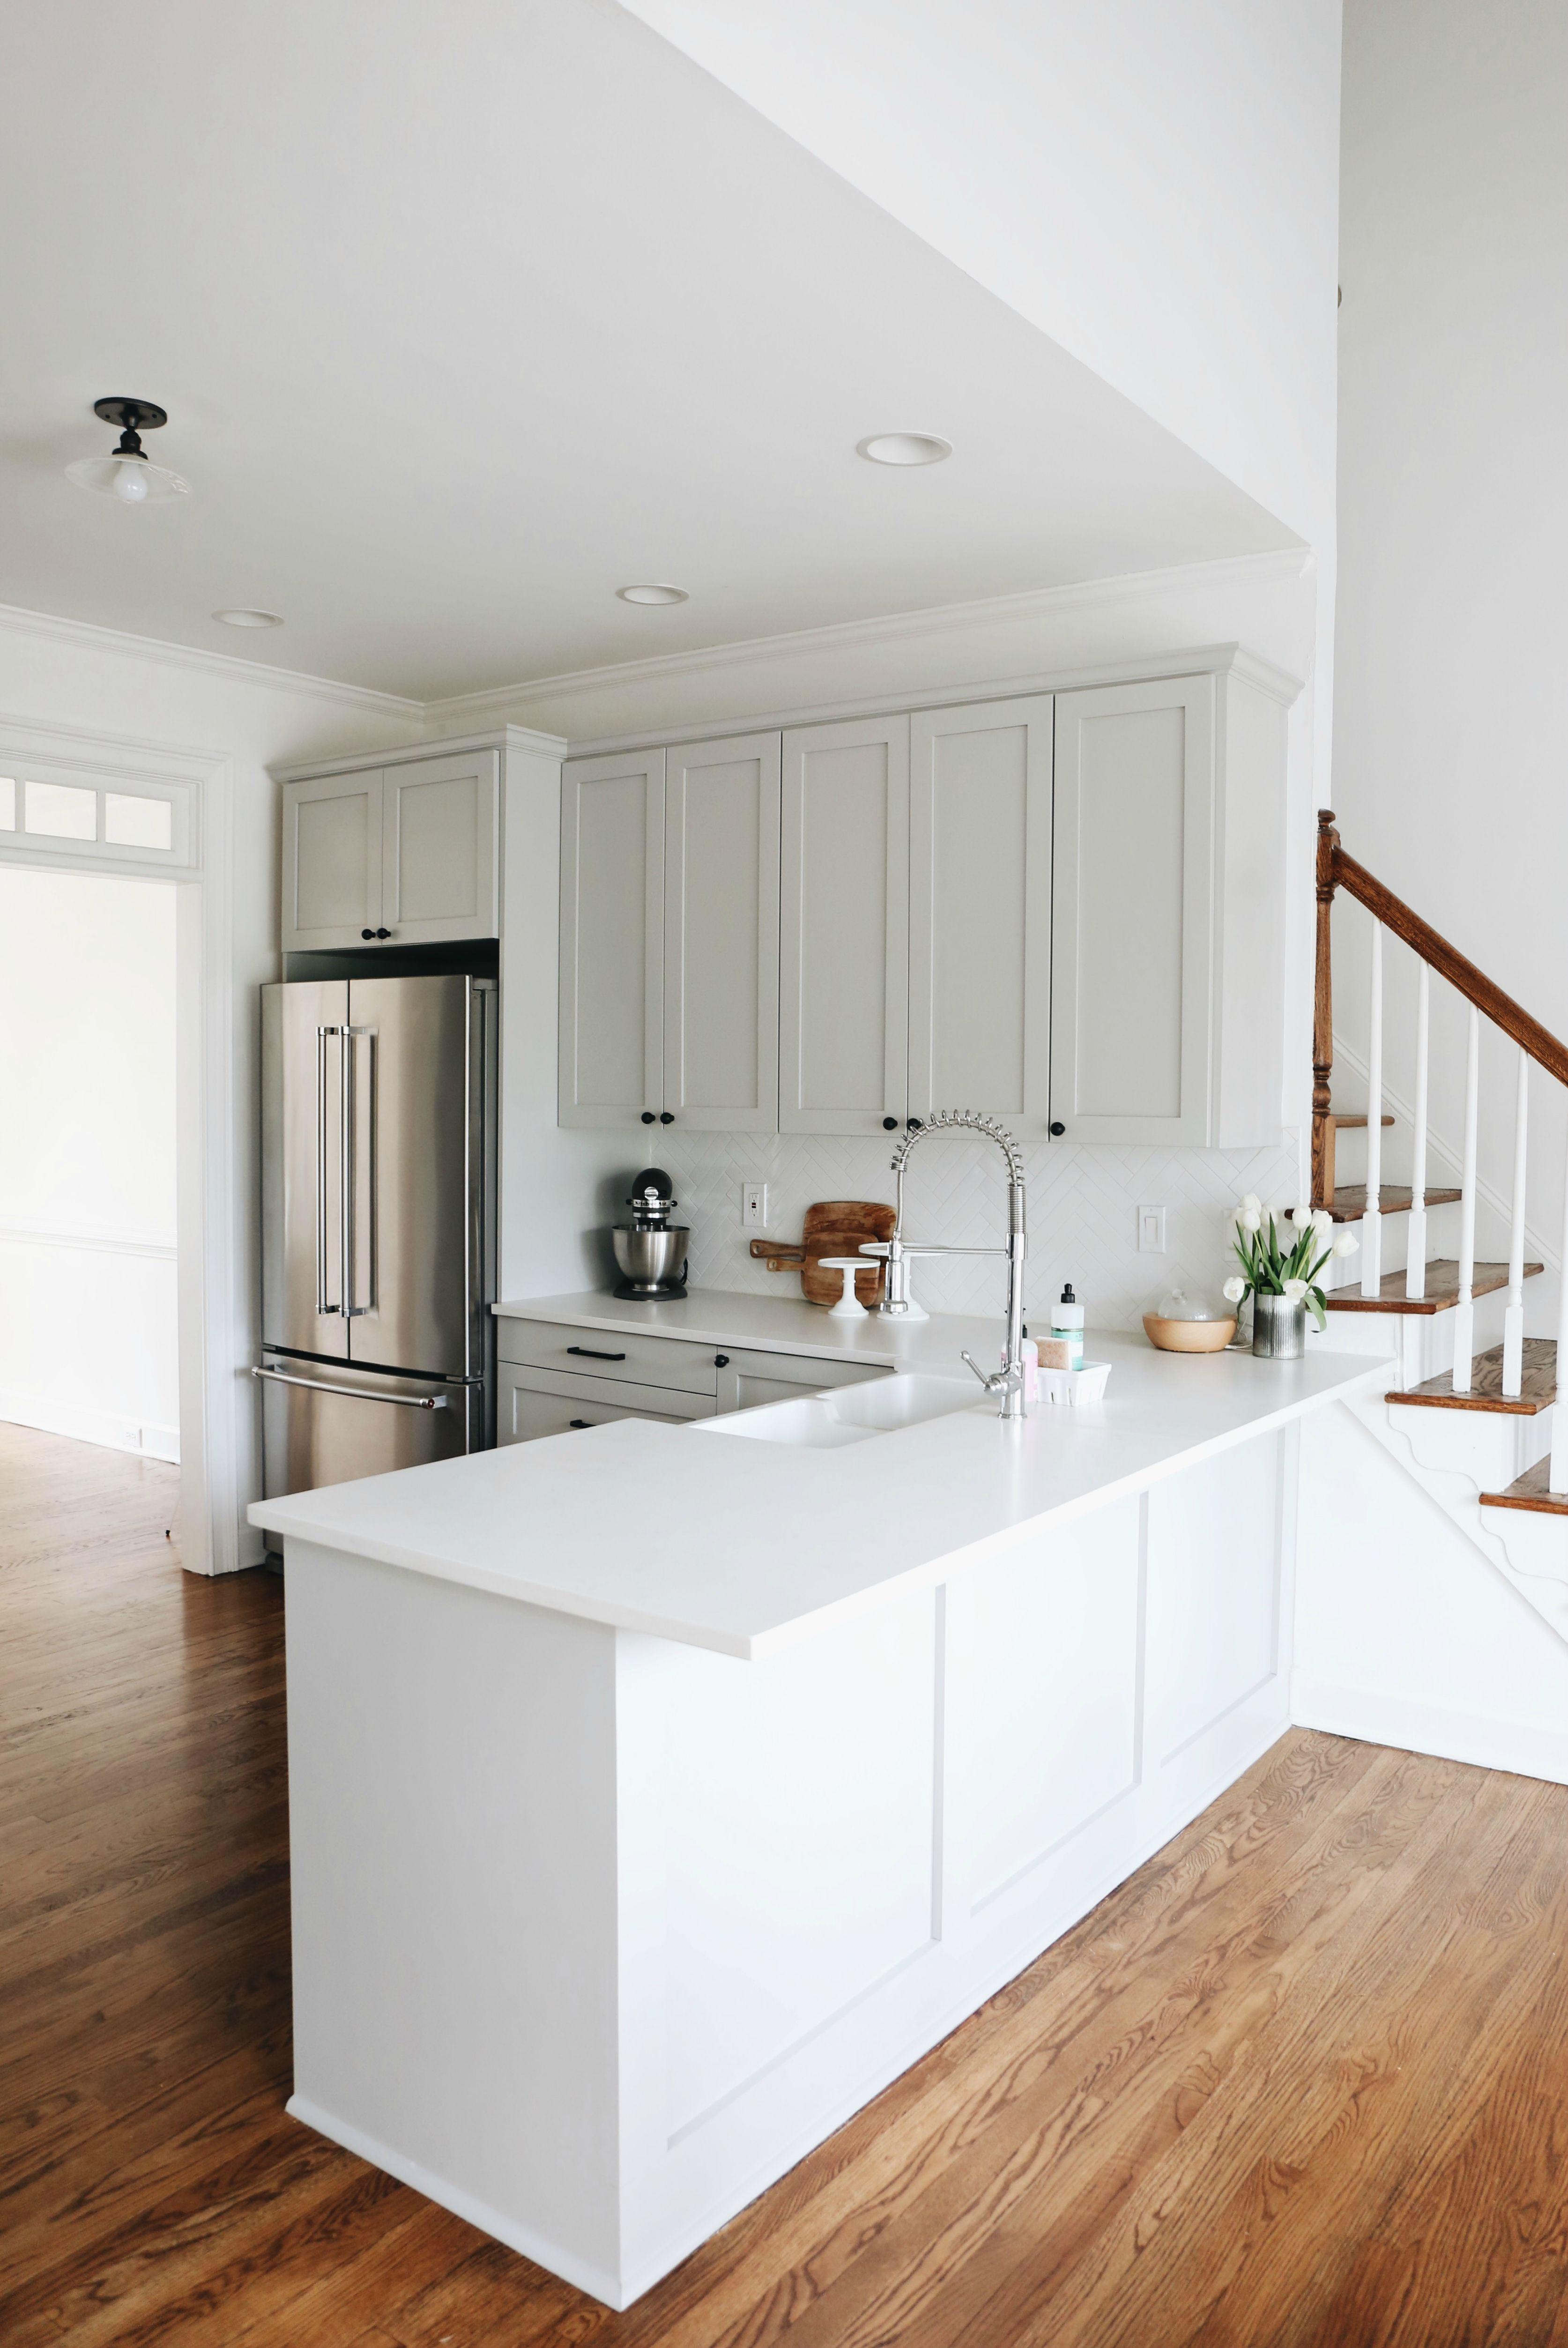 Our Kitchen Renovation Details Renovation Cuisine Salle De Bain Design Maison Bretagne